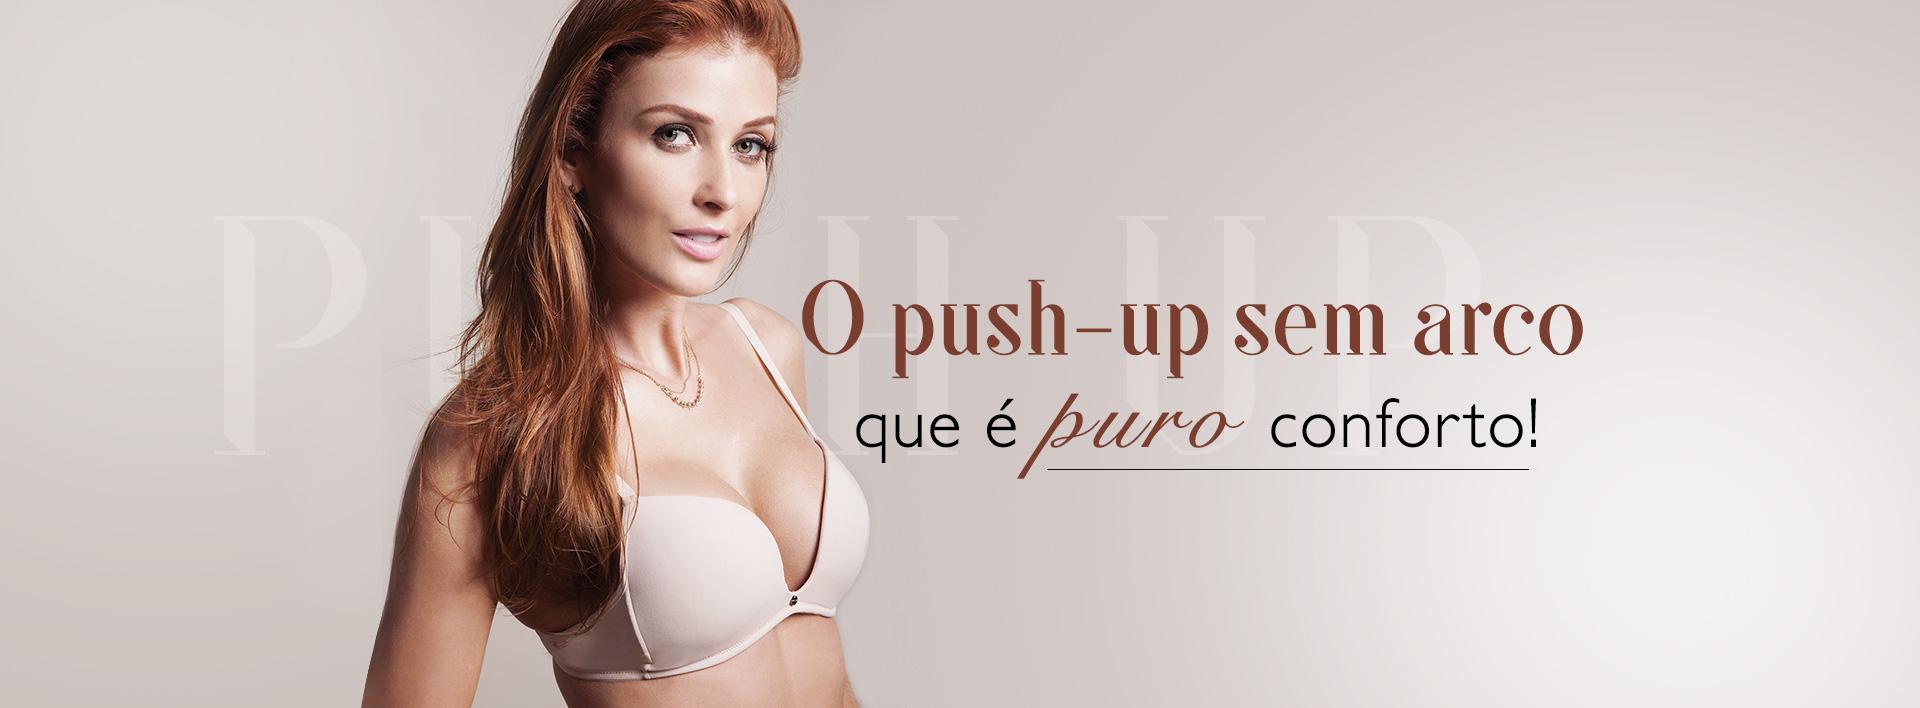 Push-up sem arco